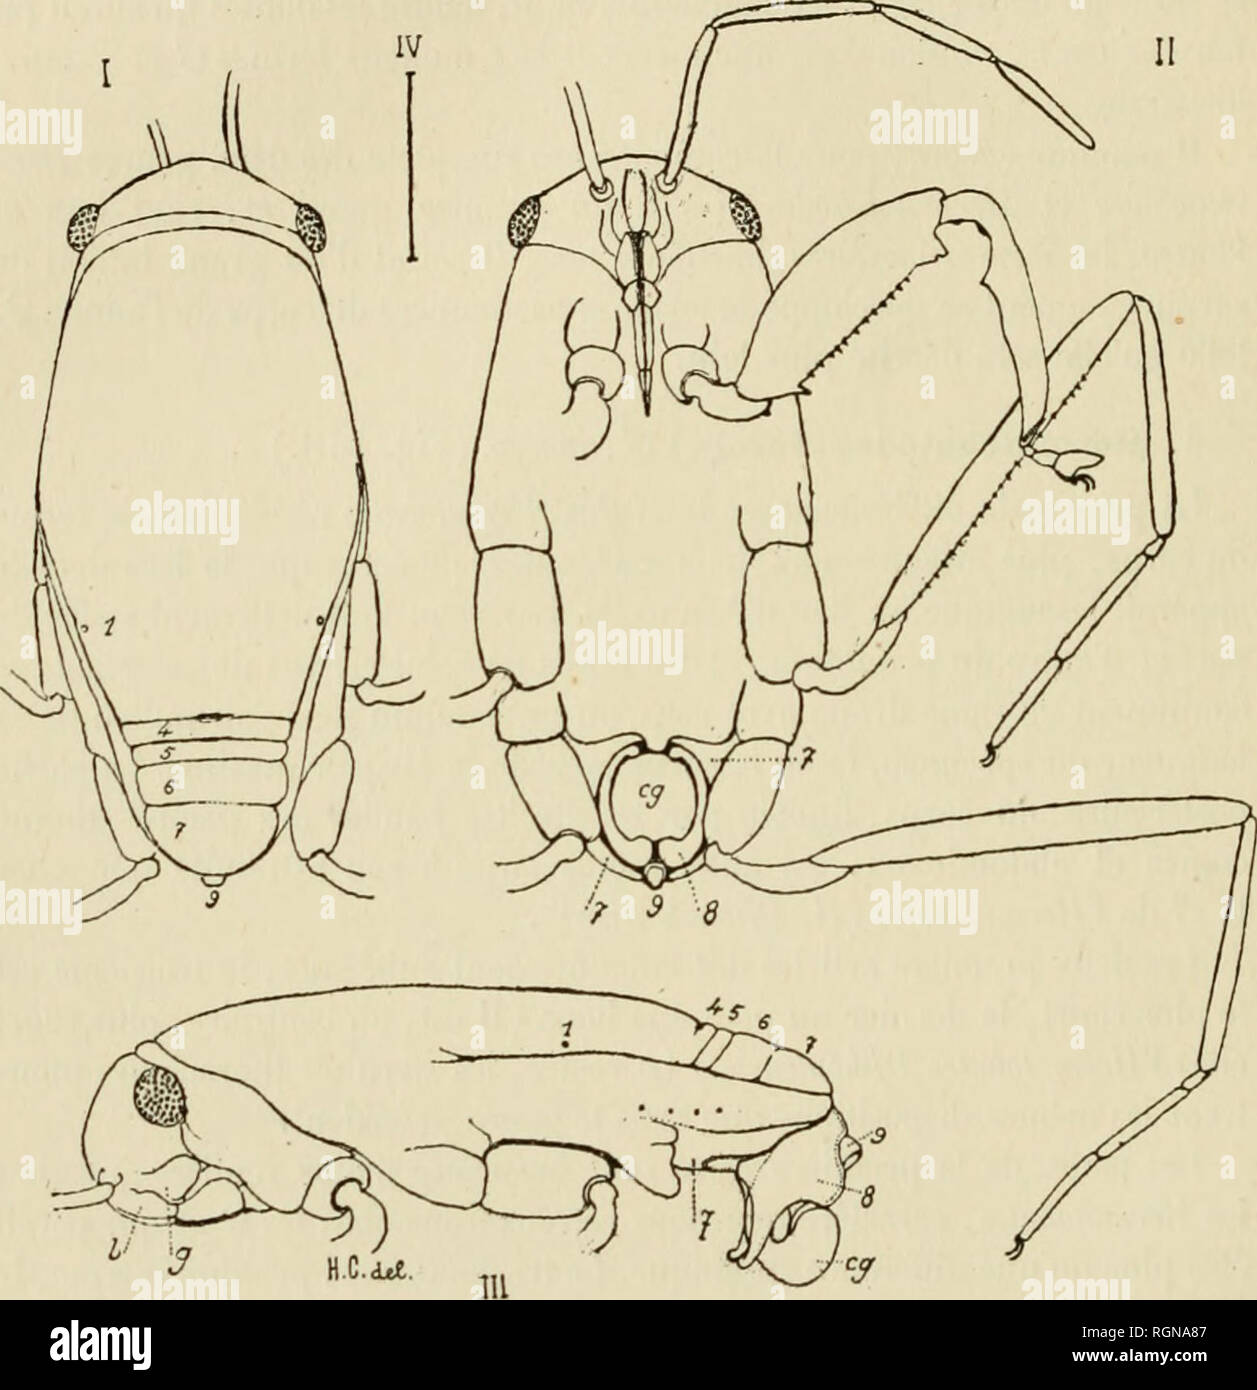 . Bulletin du Musum national d'histoire naturelle. Natural history. â -216 â sont très sensiblement égales, le fémur et la jambe de la paire médiane sont légèrement plus courts, mais le deuxième article du tarse est nette- ment plus long que l'article correspondant de la troisième paire. Le fémur médian porte une rangée de vingt épines environ, comme chez les Hcr- matobates.Les griffes doubles, courbées en faucille, ont aussi la même dis- position.. Hermatobatodes Marcha r?, adulte, type. I. Face dorsale. â II. Face ventrale. â III. Vu latéralement, l'appareil génital étendu.  - Stock Image